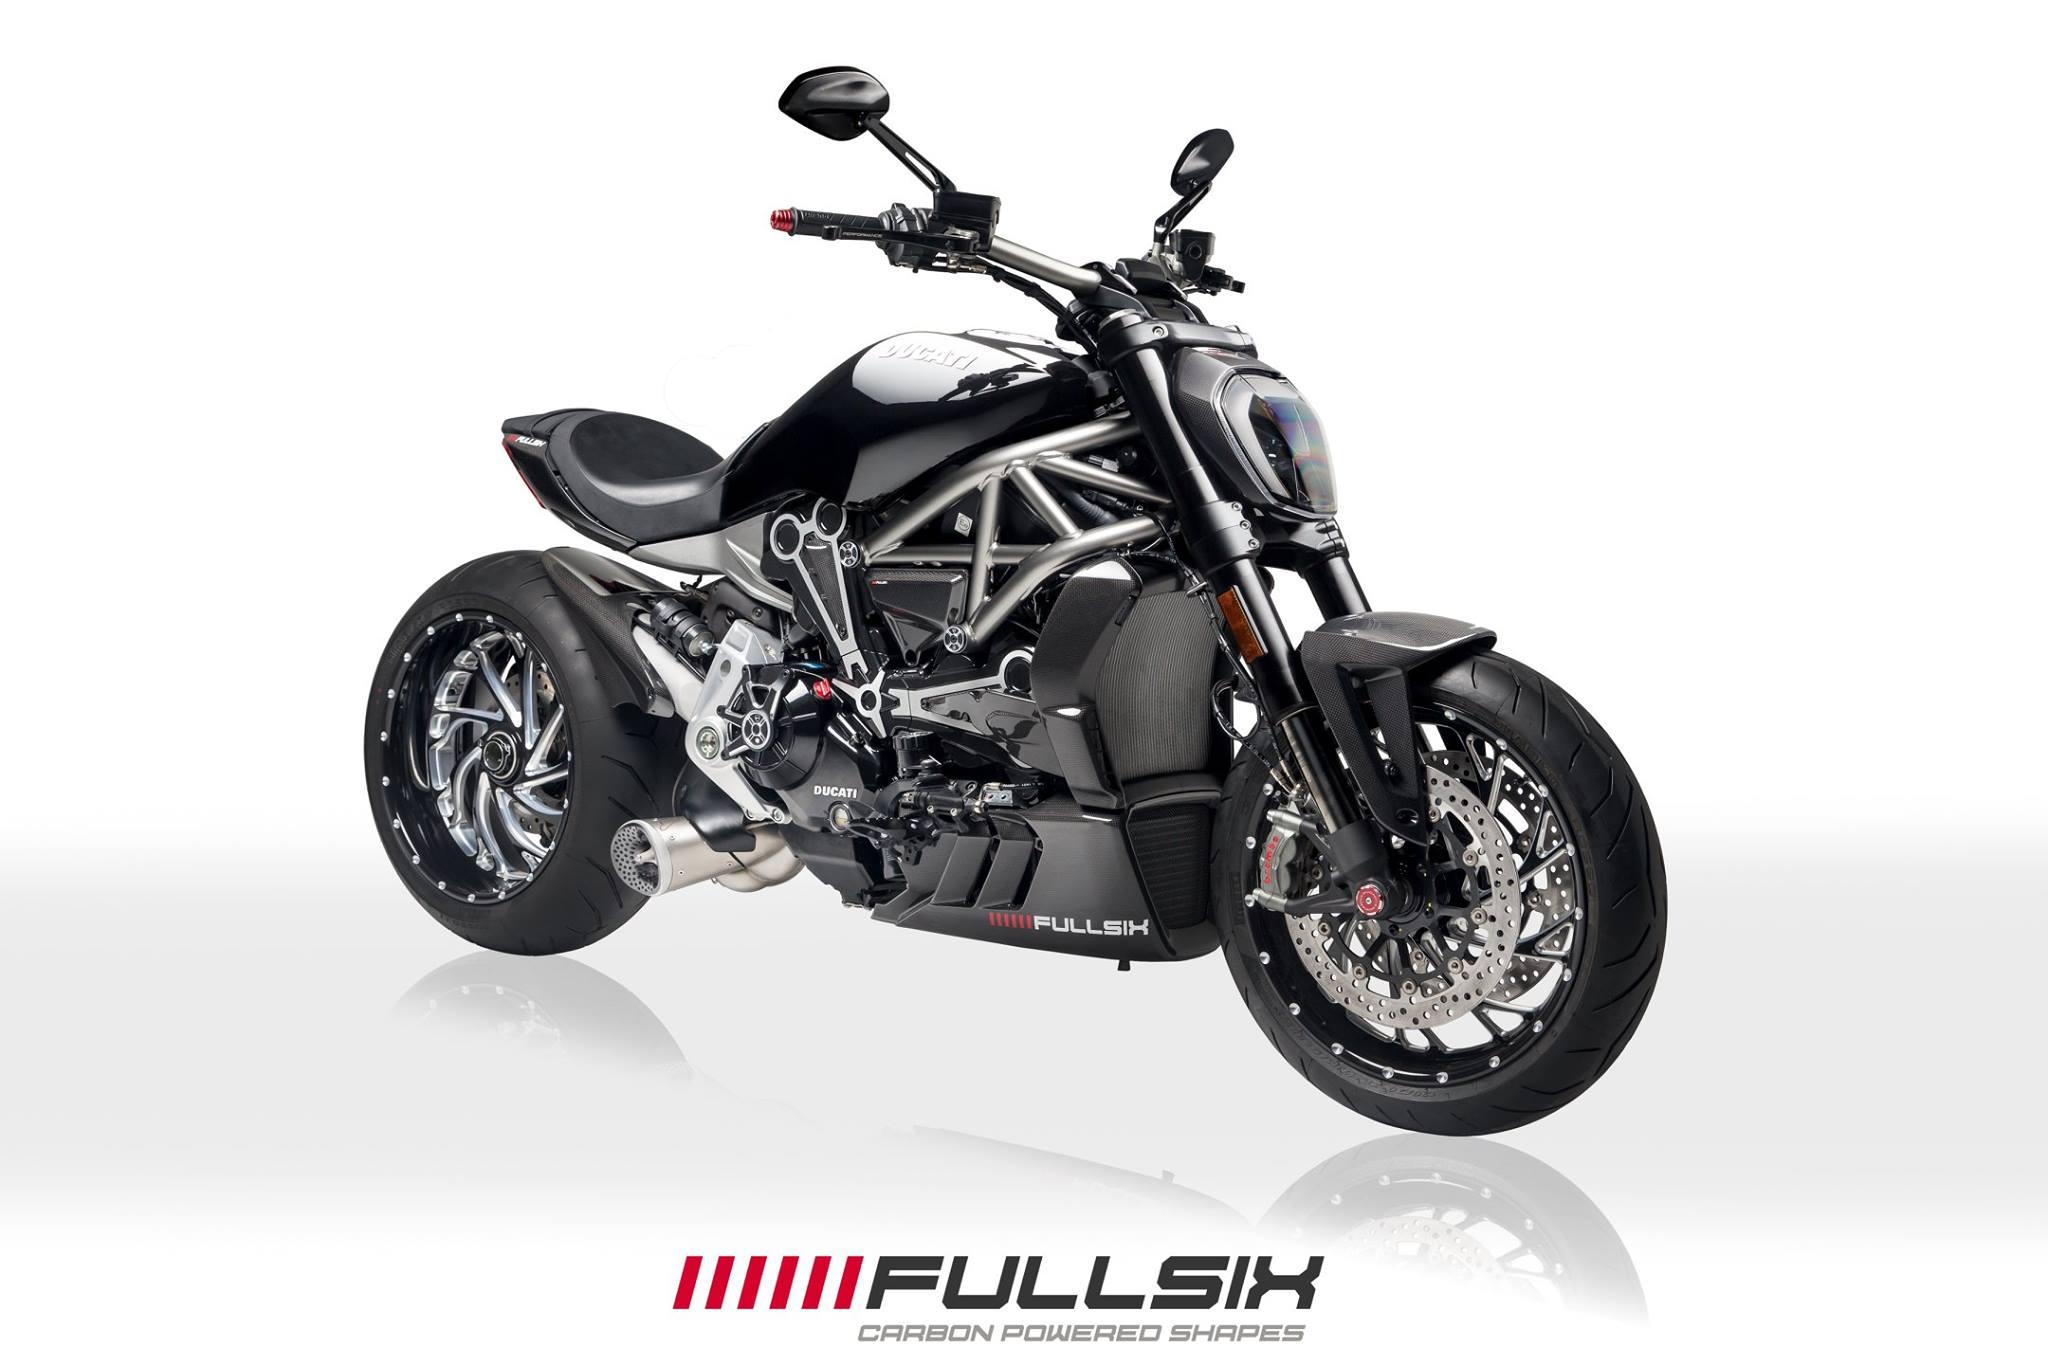 Ducati XDiavel Carbon Fibre Parts - Fullsix Carbon